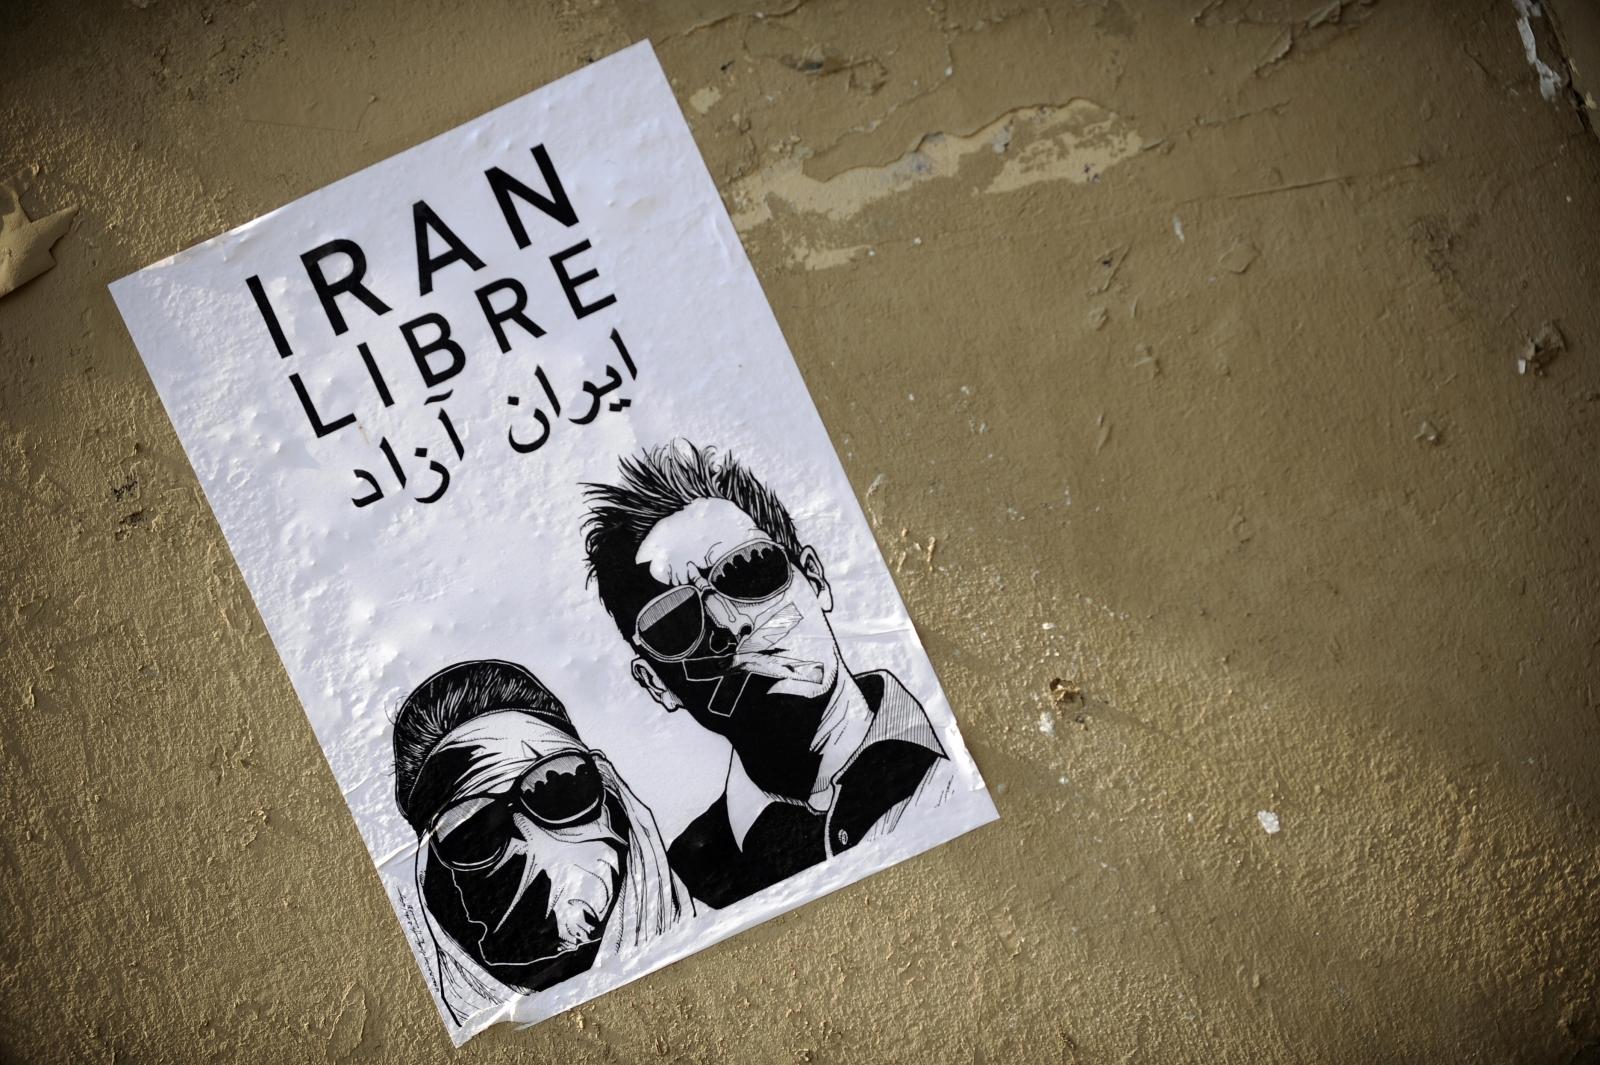 Free Iran poster